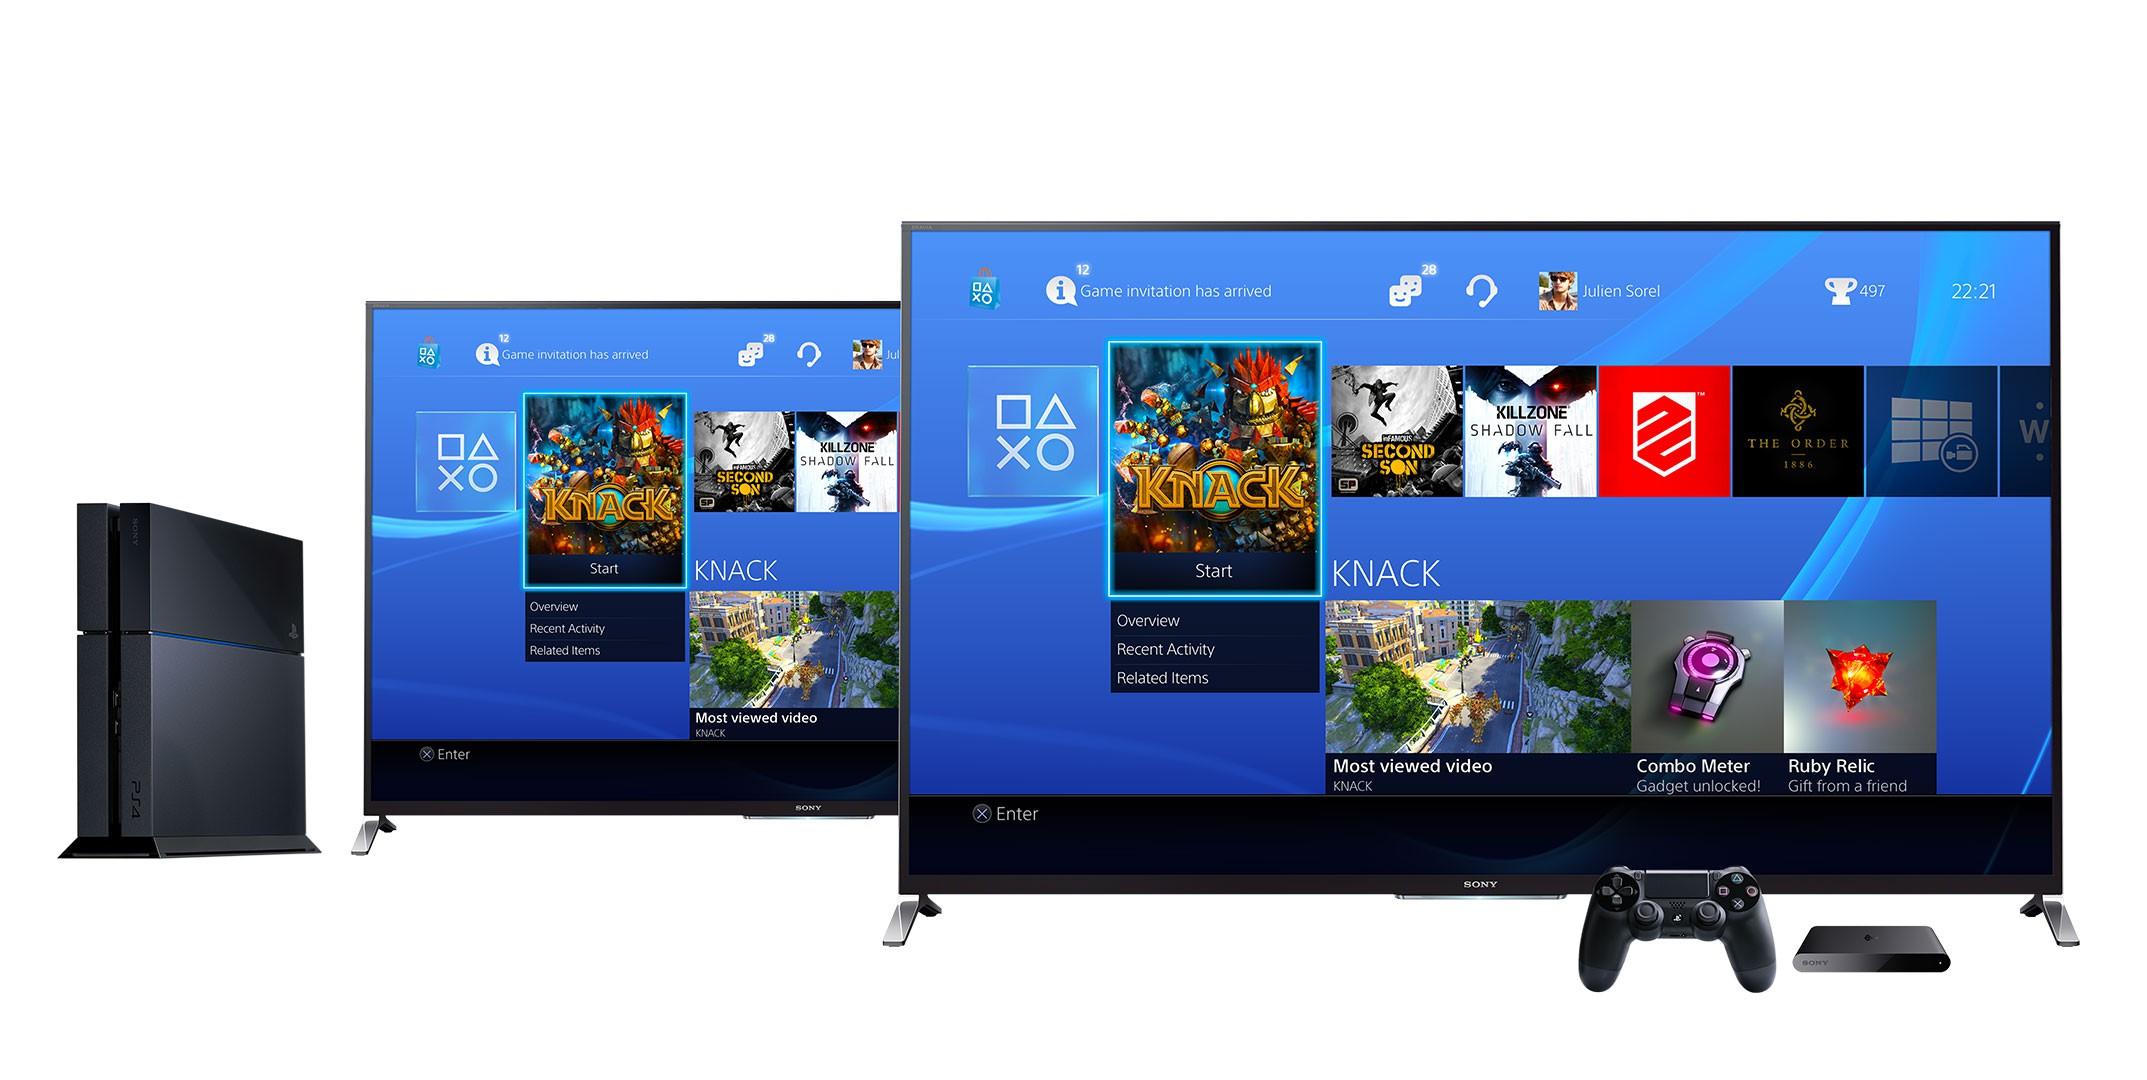 sony playstation tv test complet console de jeu les num riques. Black Bedroom Furniture Sets. Home Design Ideas